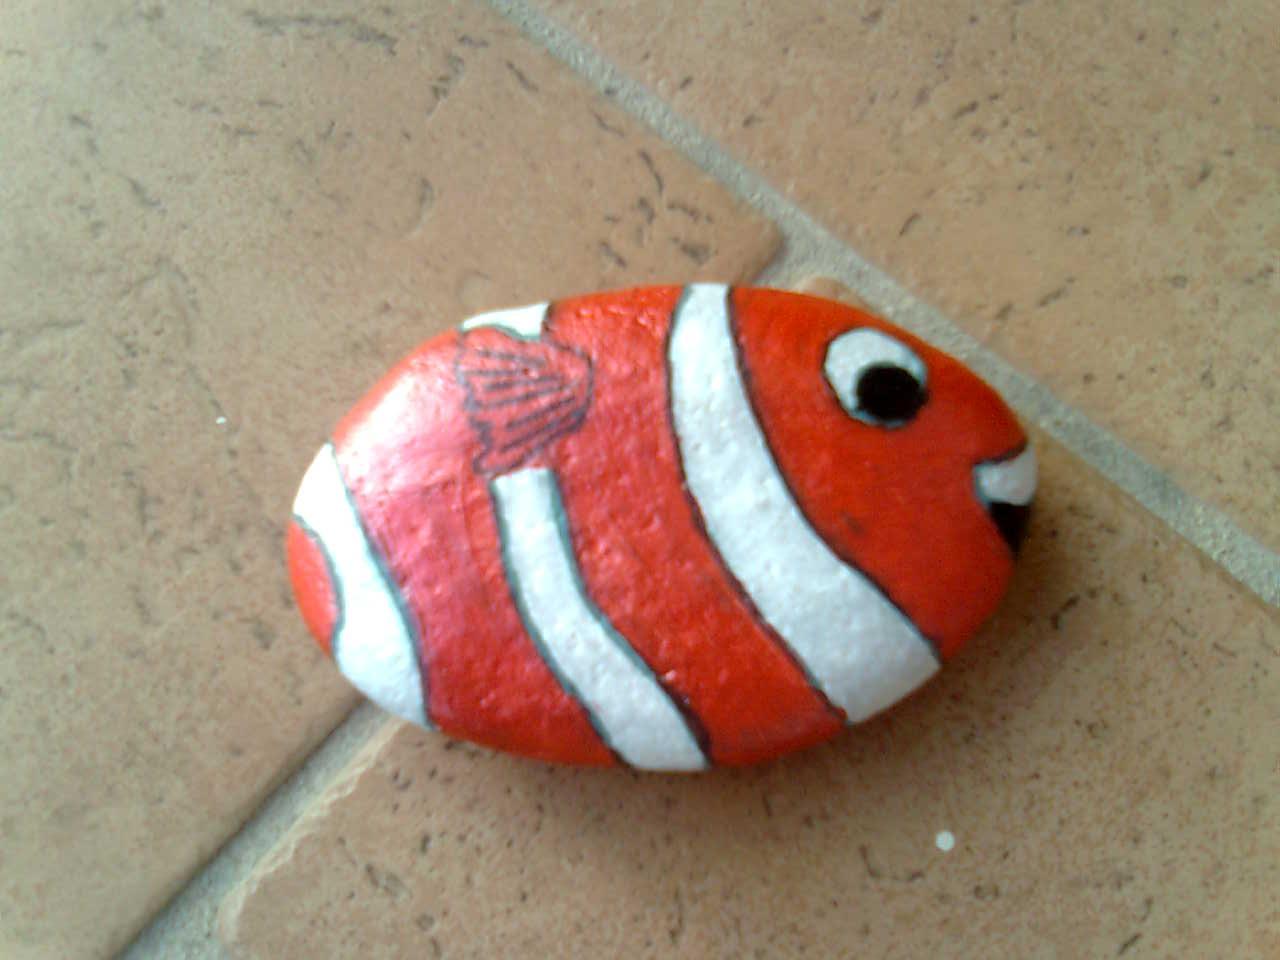 Il piccolo mondo di wonder perlina: pesci nemo a volonta'